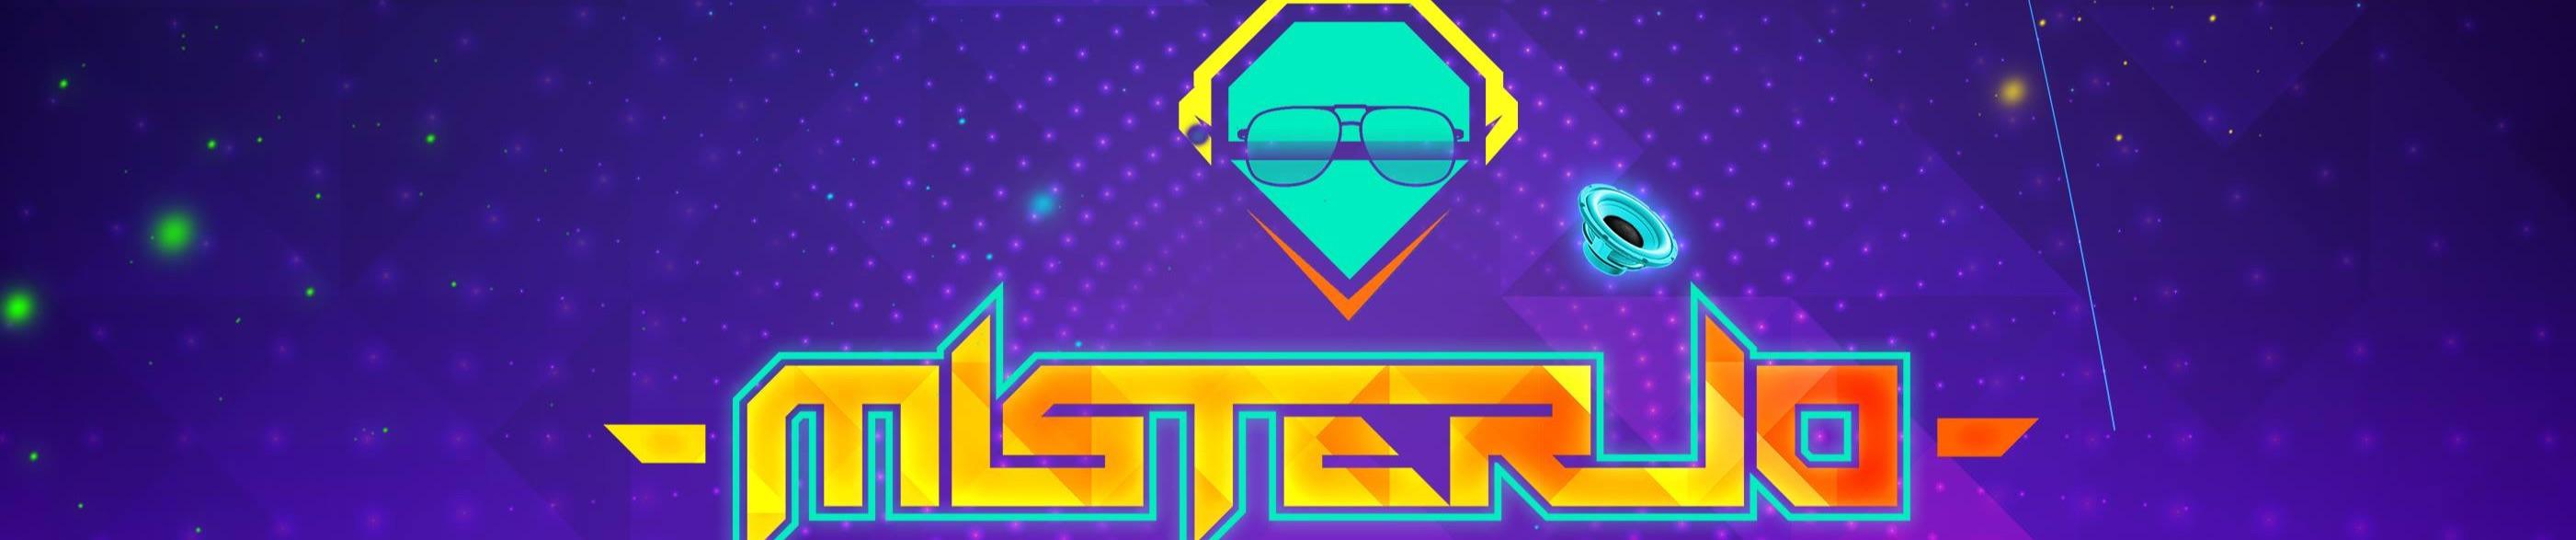 DJMISTERJO | DJ MISTERJO | Free Listening on SoundCloud